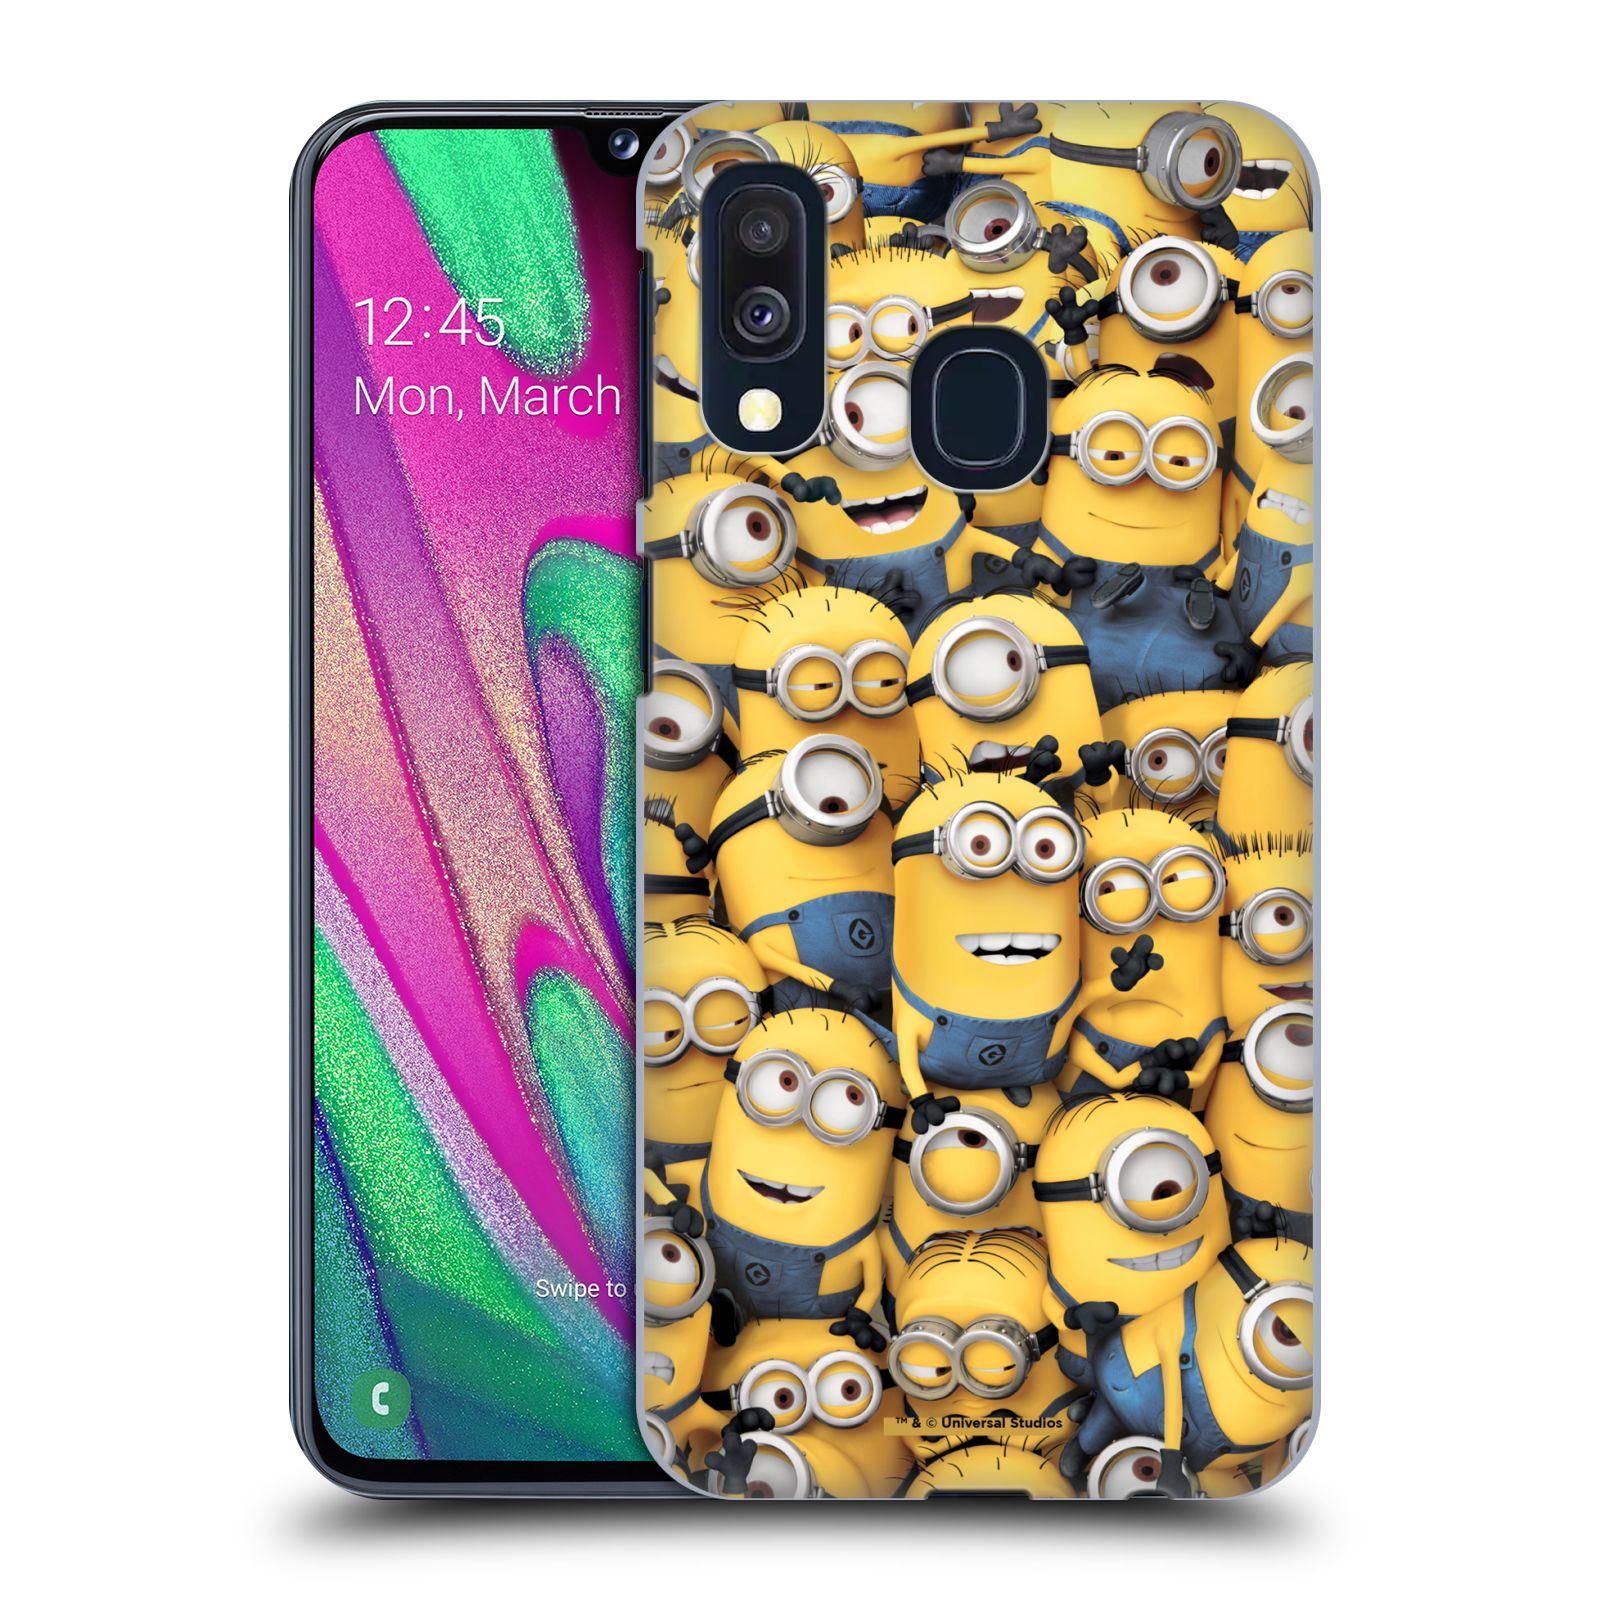 Plastové pouzdro na mobil Samsung Galaxy A40 - Head Case - Mimoni všude z filmu Já, padouch - Despicable Me